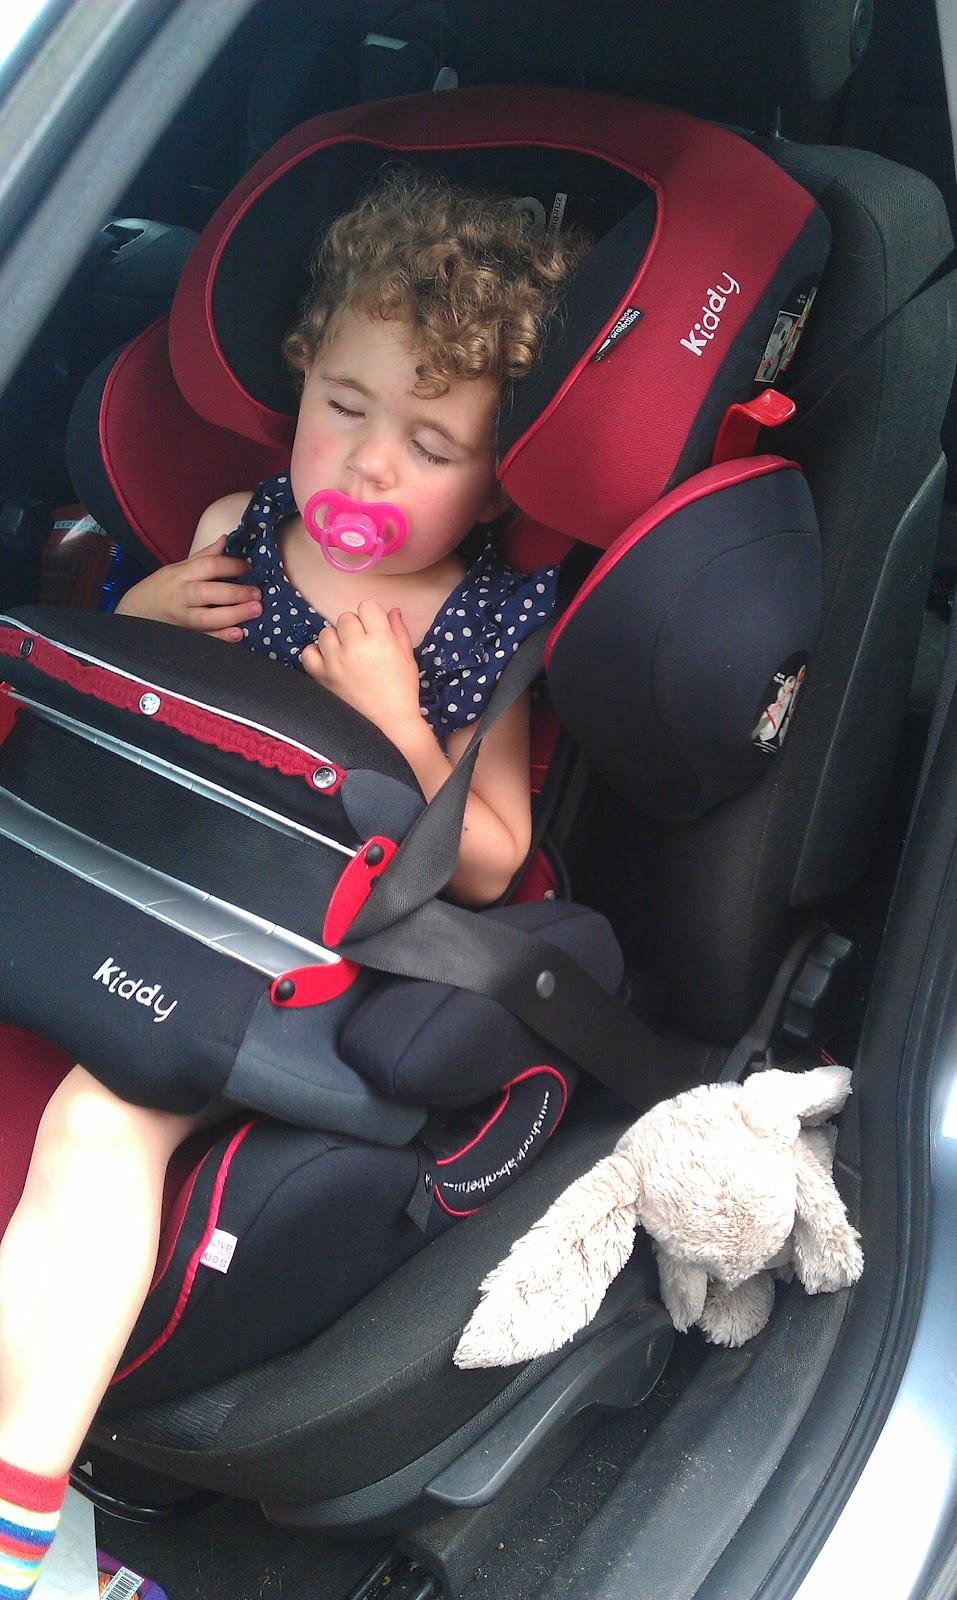 Со скольки лет можно сажать ребенка на переднее сиденье авто 2